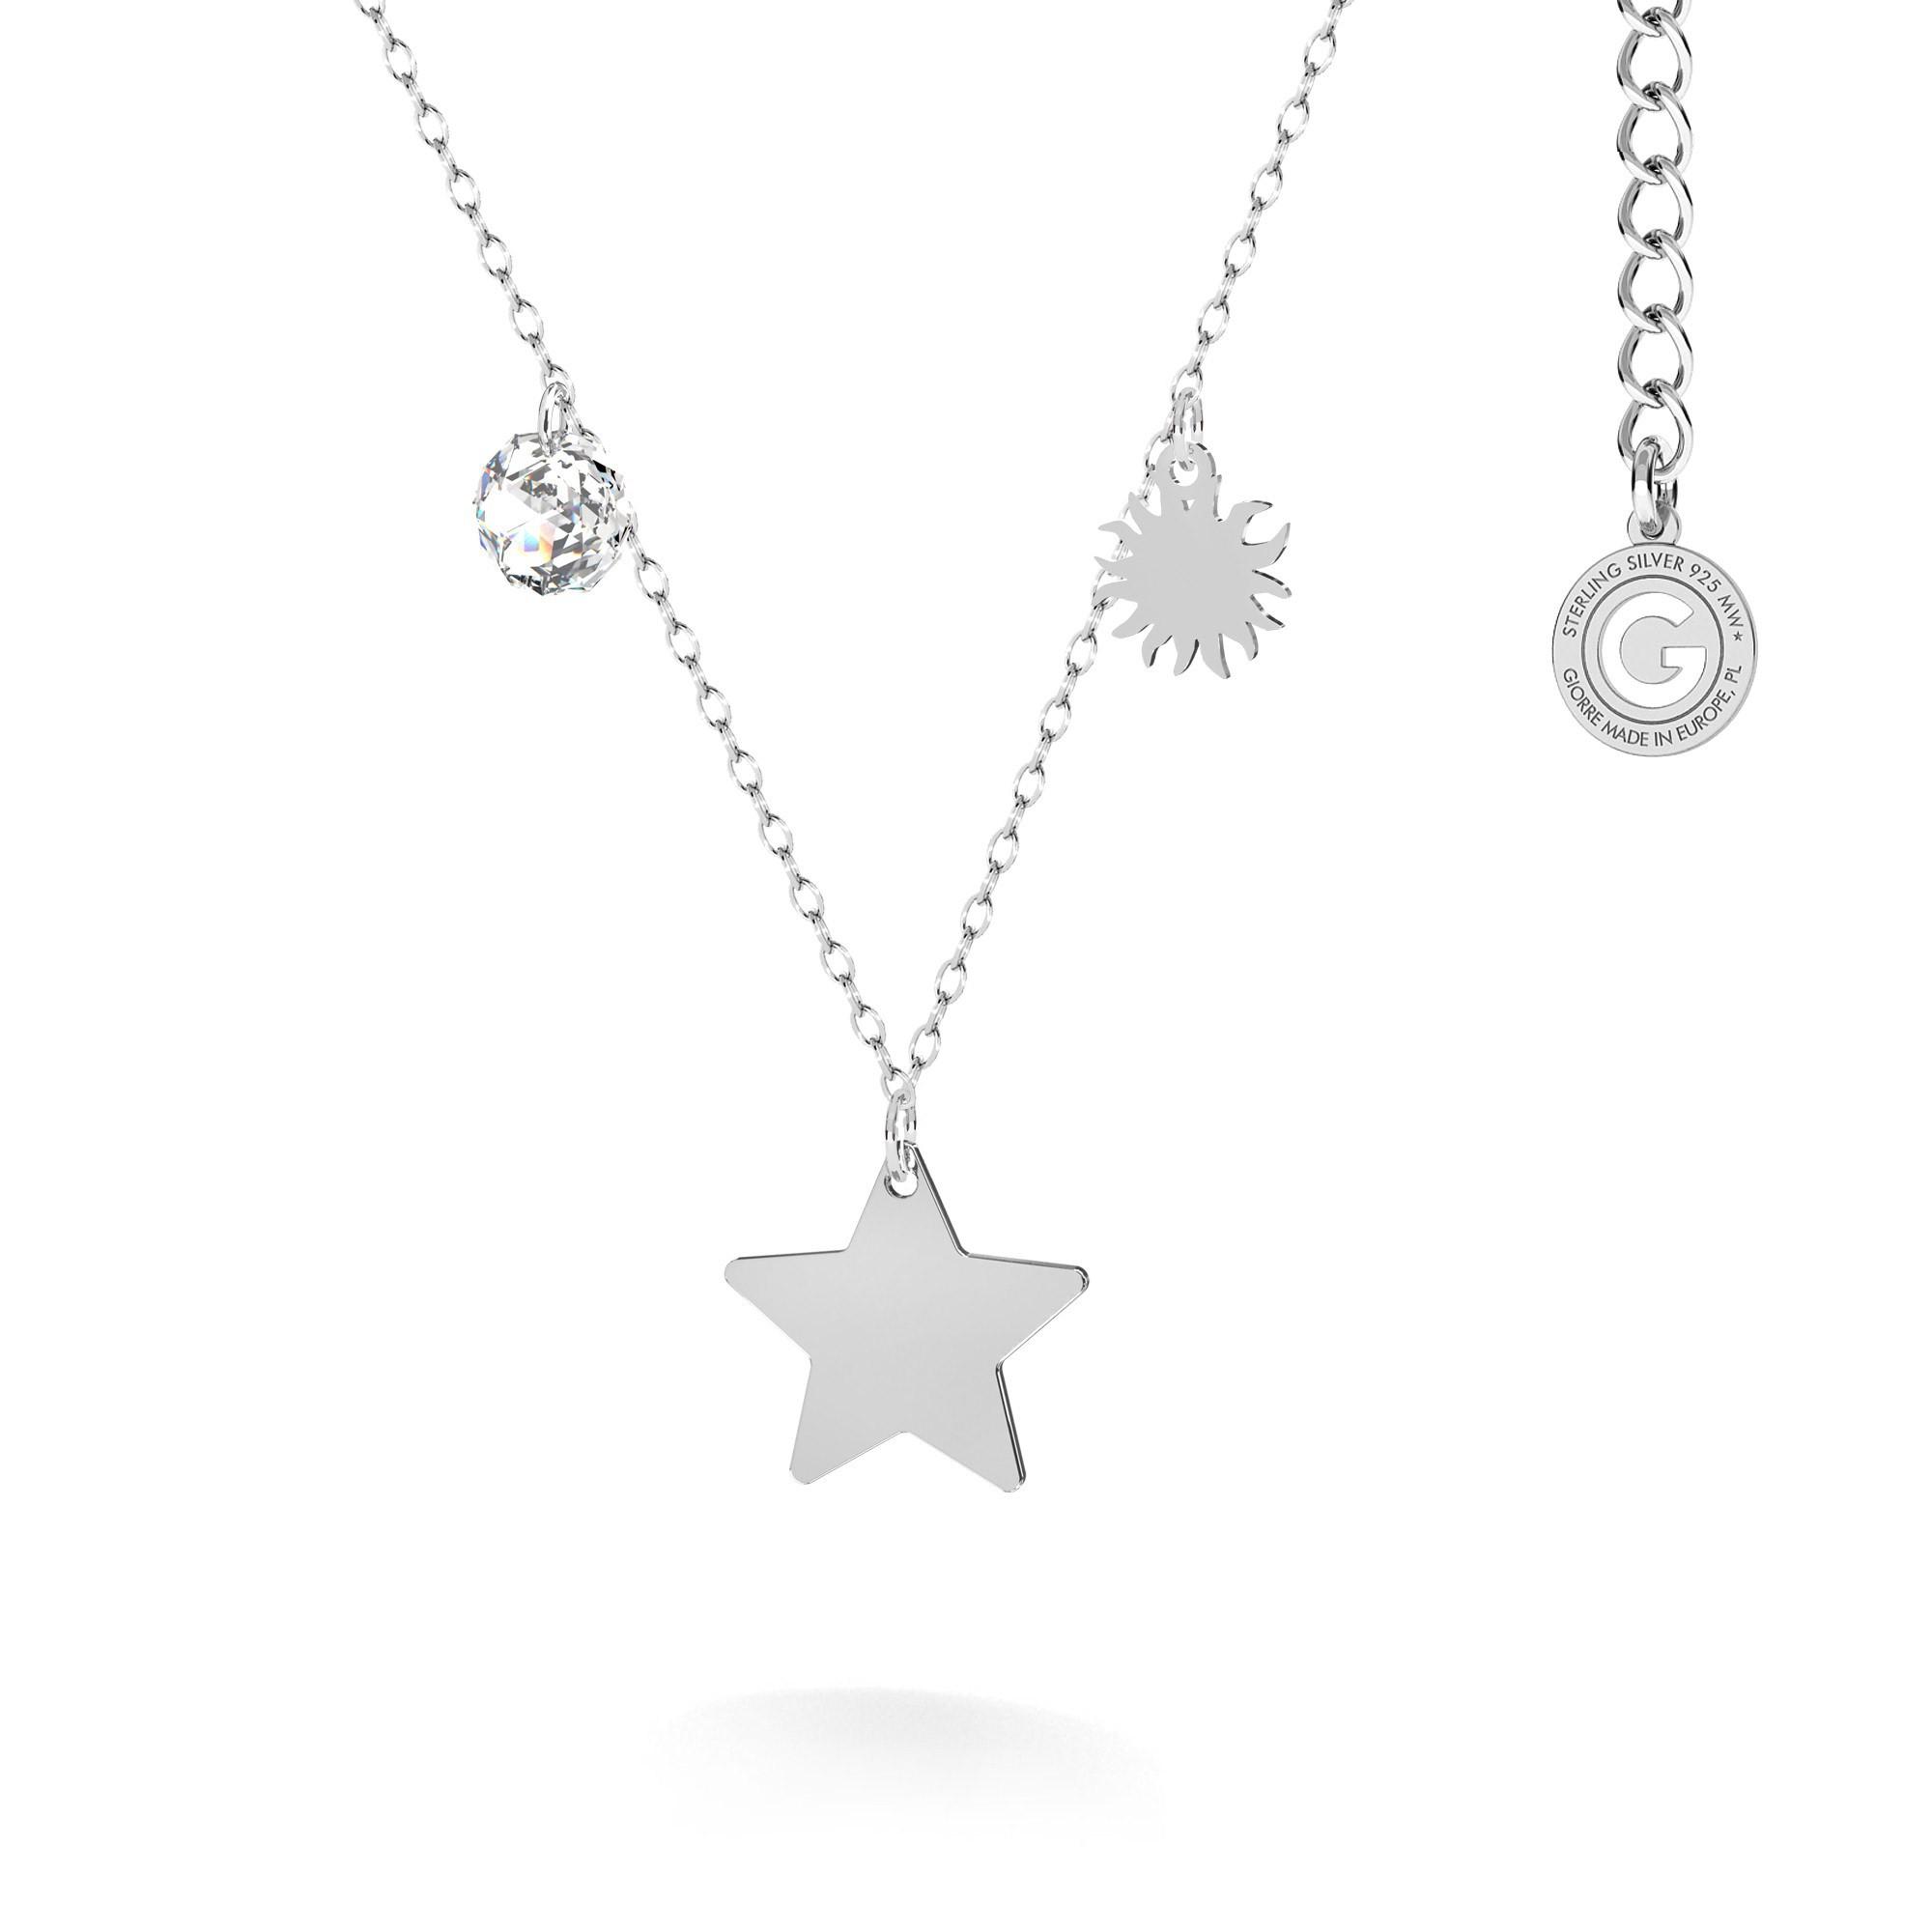 Srebrny naszyjnik z zawieszkami - gwiazda, słońce, kryształ Swarovski MON DÉFI, srebro 925